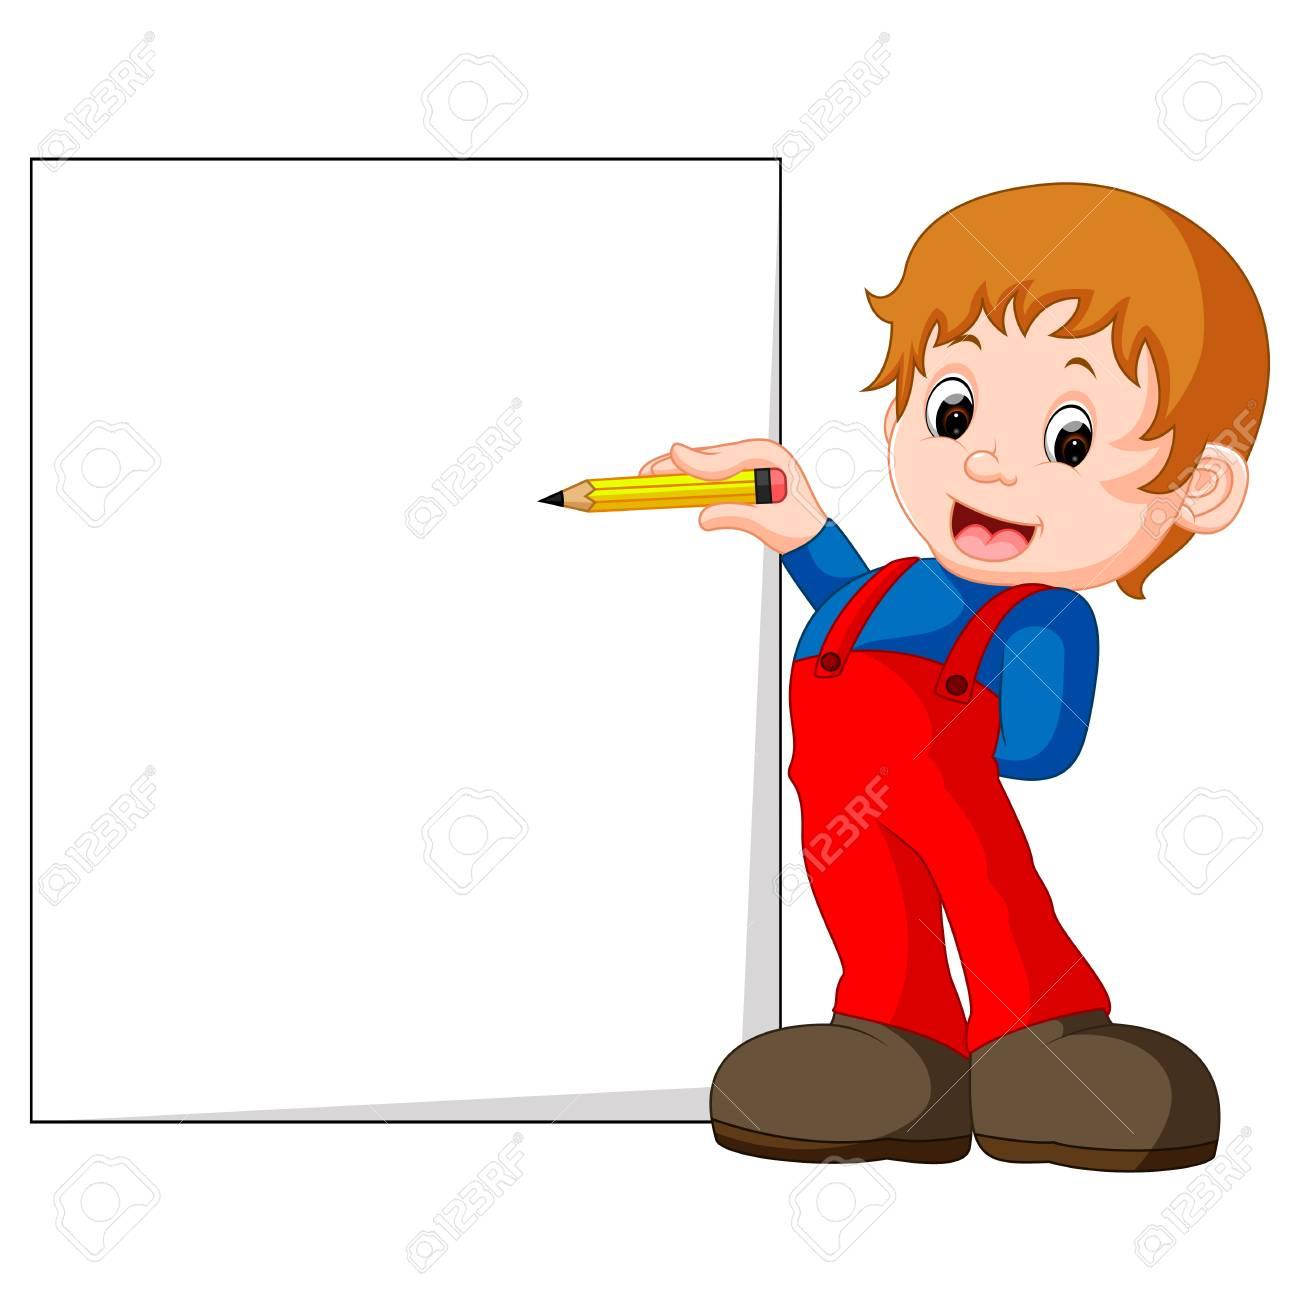 手紙を書く子供のイラスト の写真素材画像素材 Image 78494465